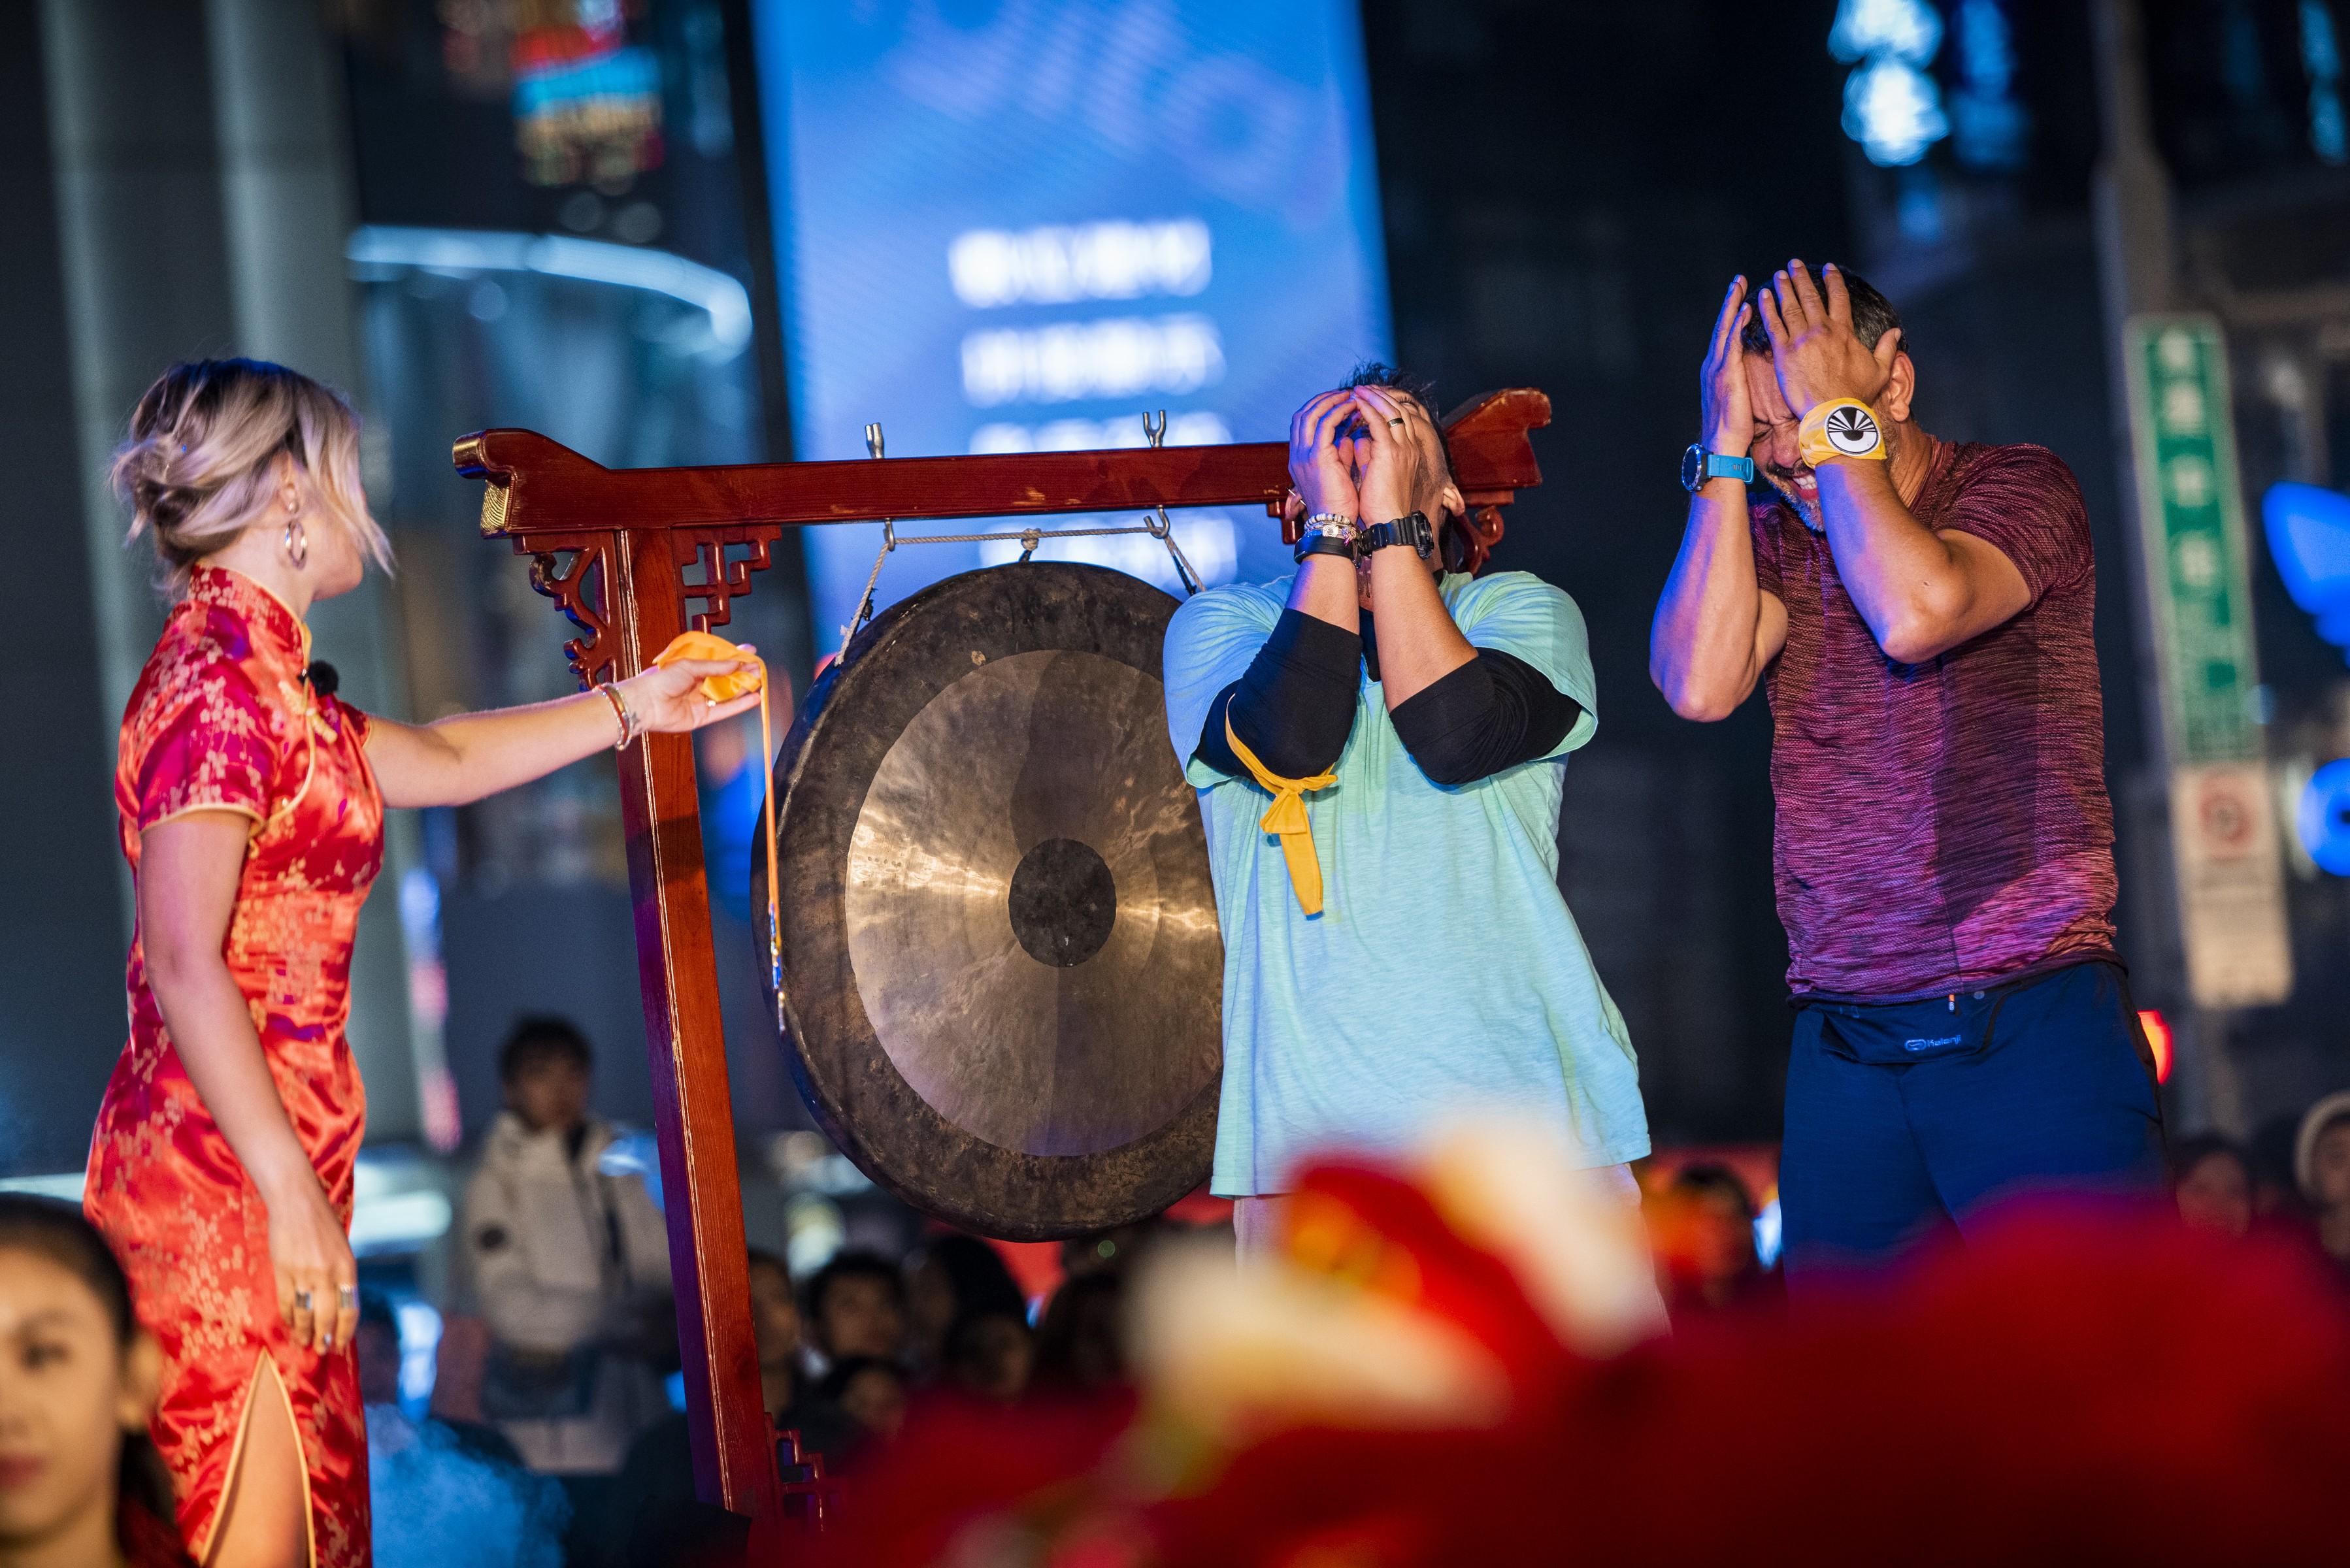 Gongul de final s-a auzit! Sorin Bontea şi Răzvan Fodor sunt câştigătorii sezonului 3 de la Asia Express - Drumul Comorii